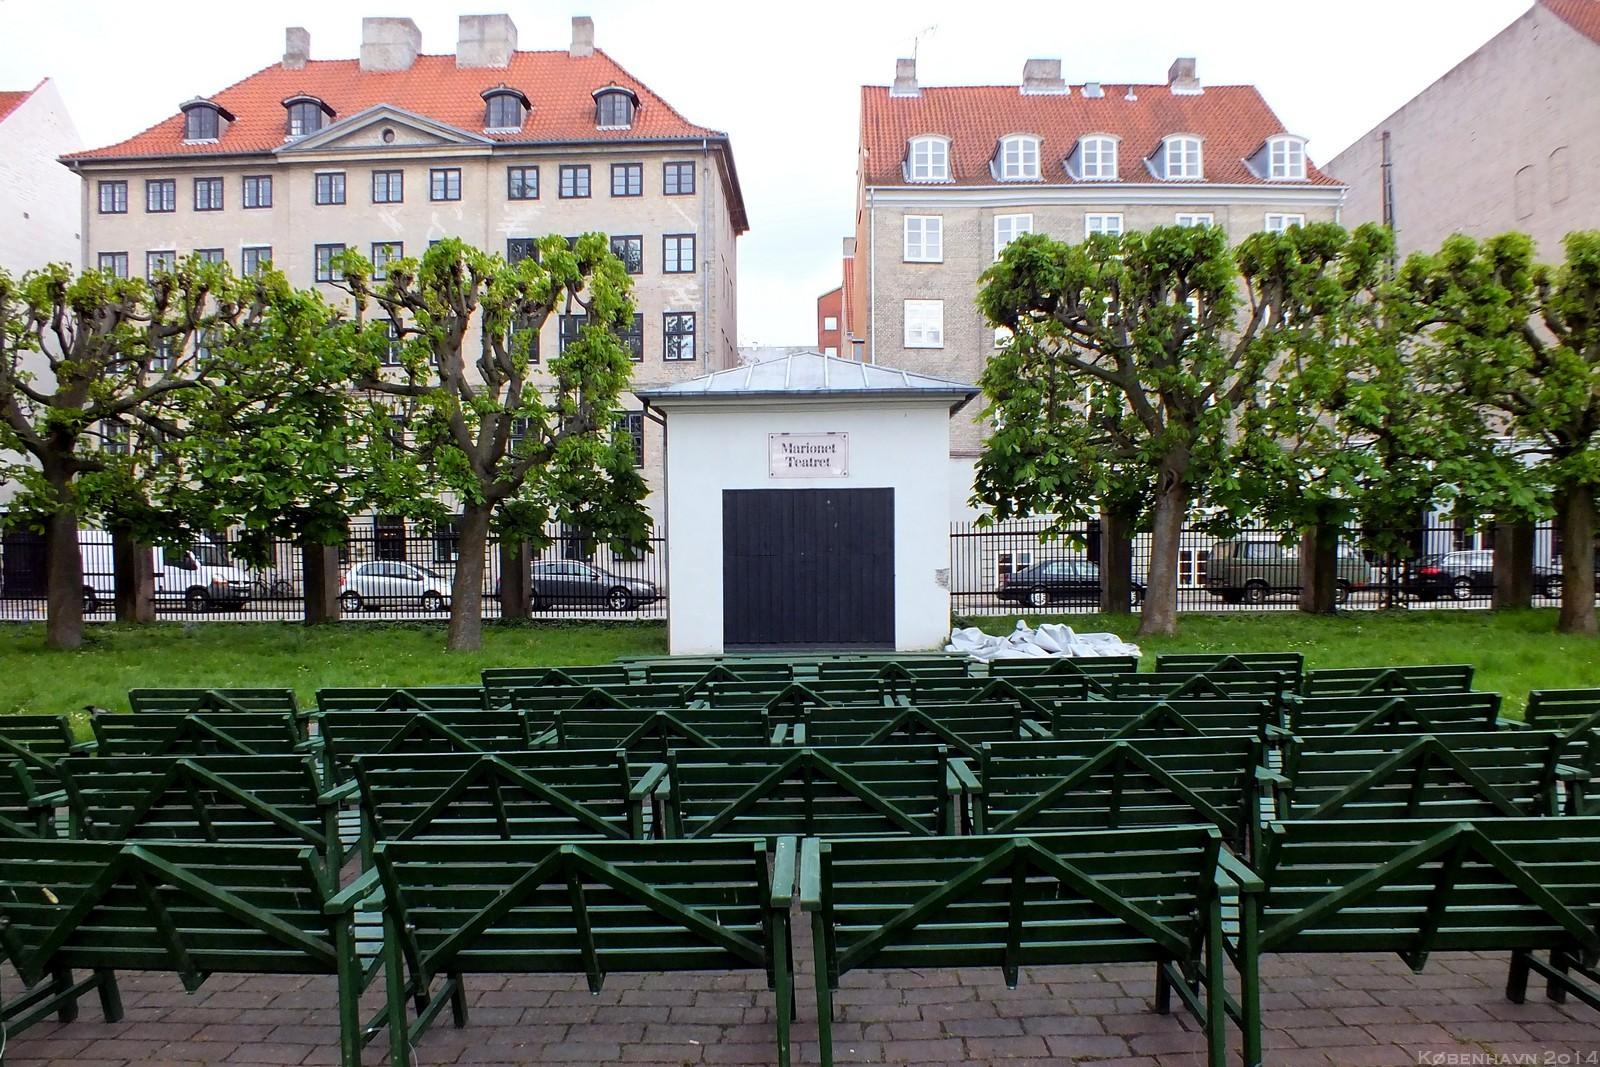 Marionet Teatret, Rosenborg Palace Garden, København, Denmark